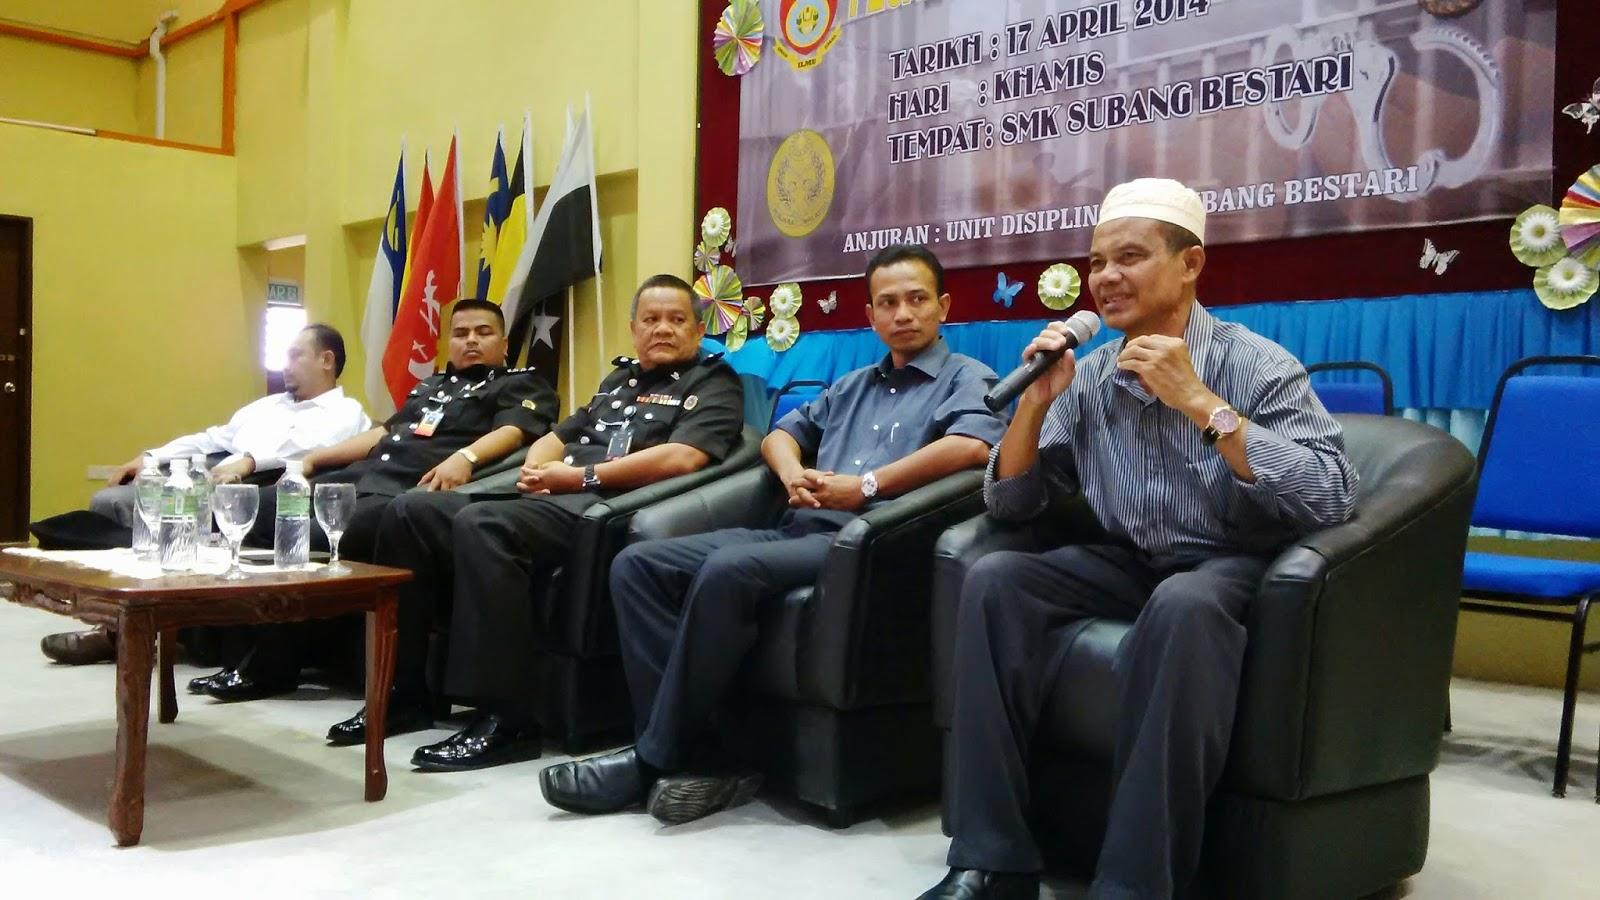 SMK Subang Bestari, Shah Alam, Selangor, PP Muhammad Nazri Nasaruddin, Parol Negeri Selangor, Jabatan Penjara Malaysia